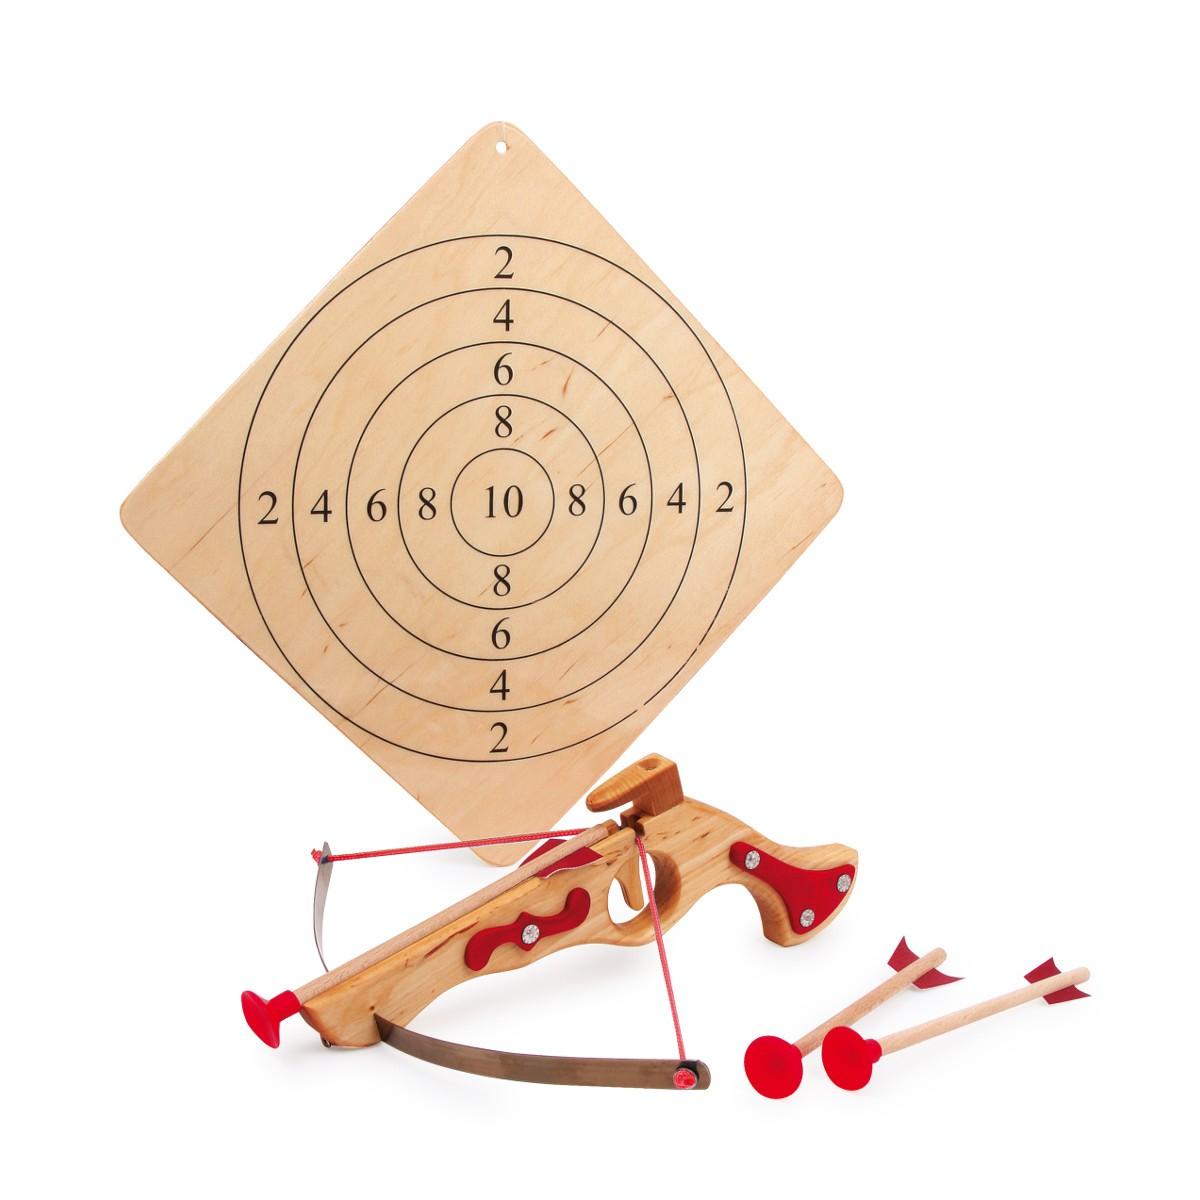 Holzarmbrust mit Pfeilen und Zielscheibe